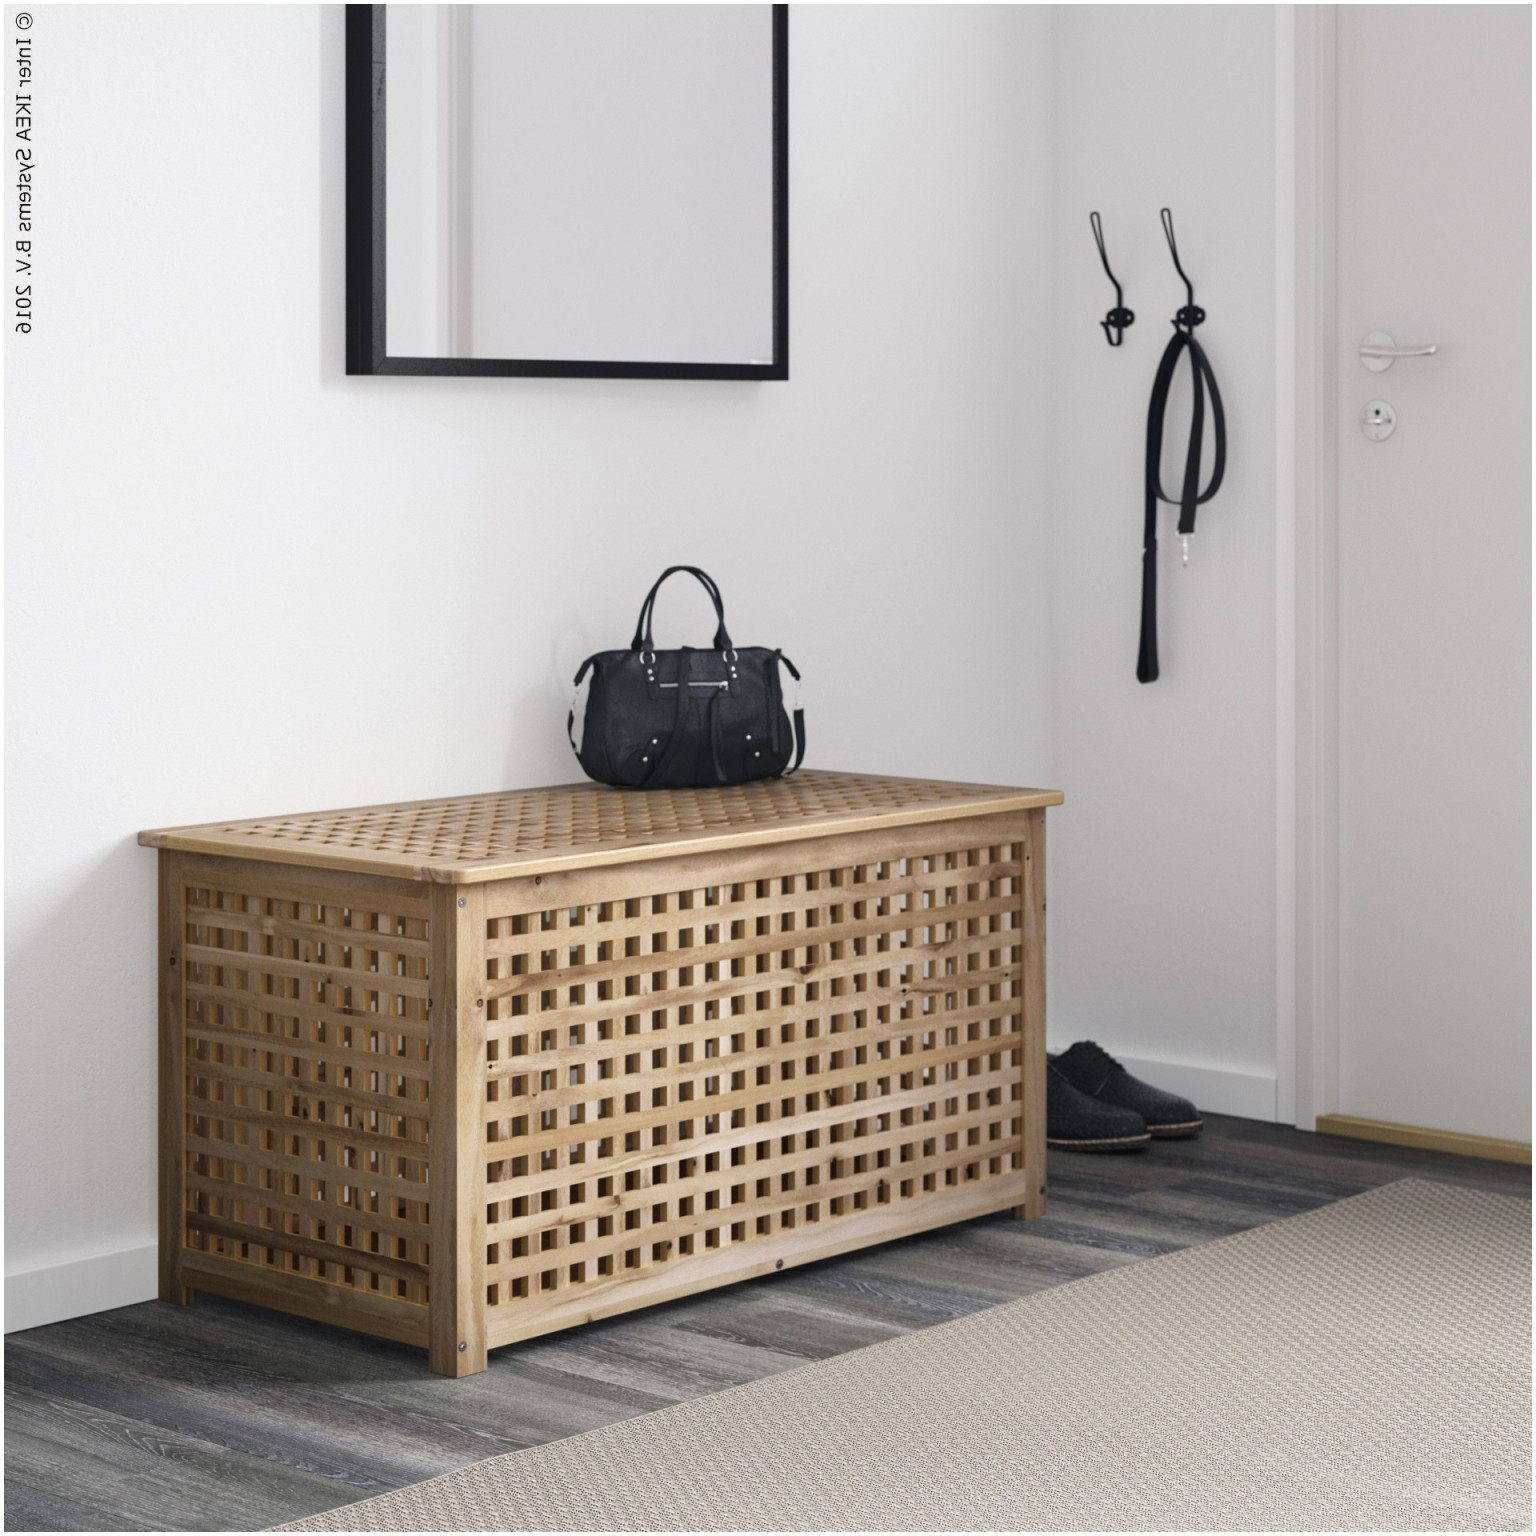 Lit En Bois Pliant Ikea Génial Table A Langer Baignoire Bois Belle Table Pliable Ikea New Lit En